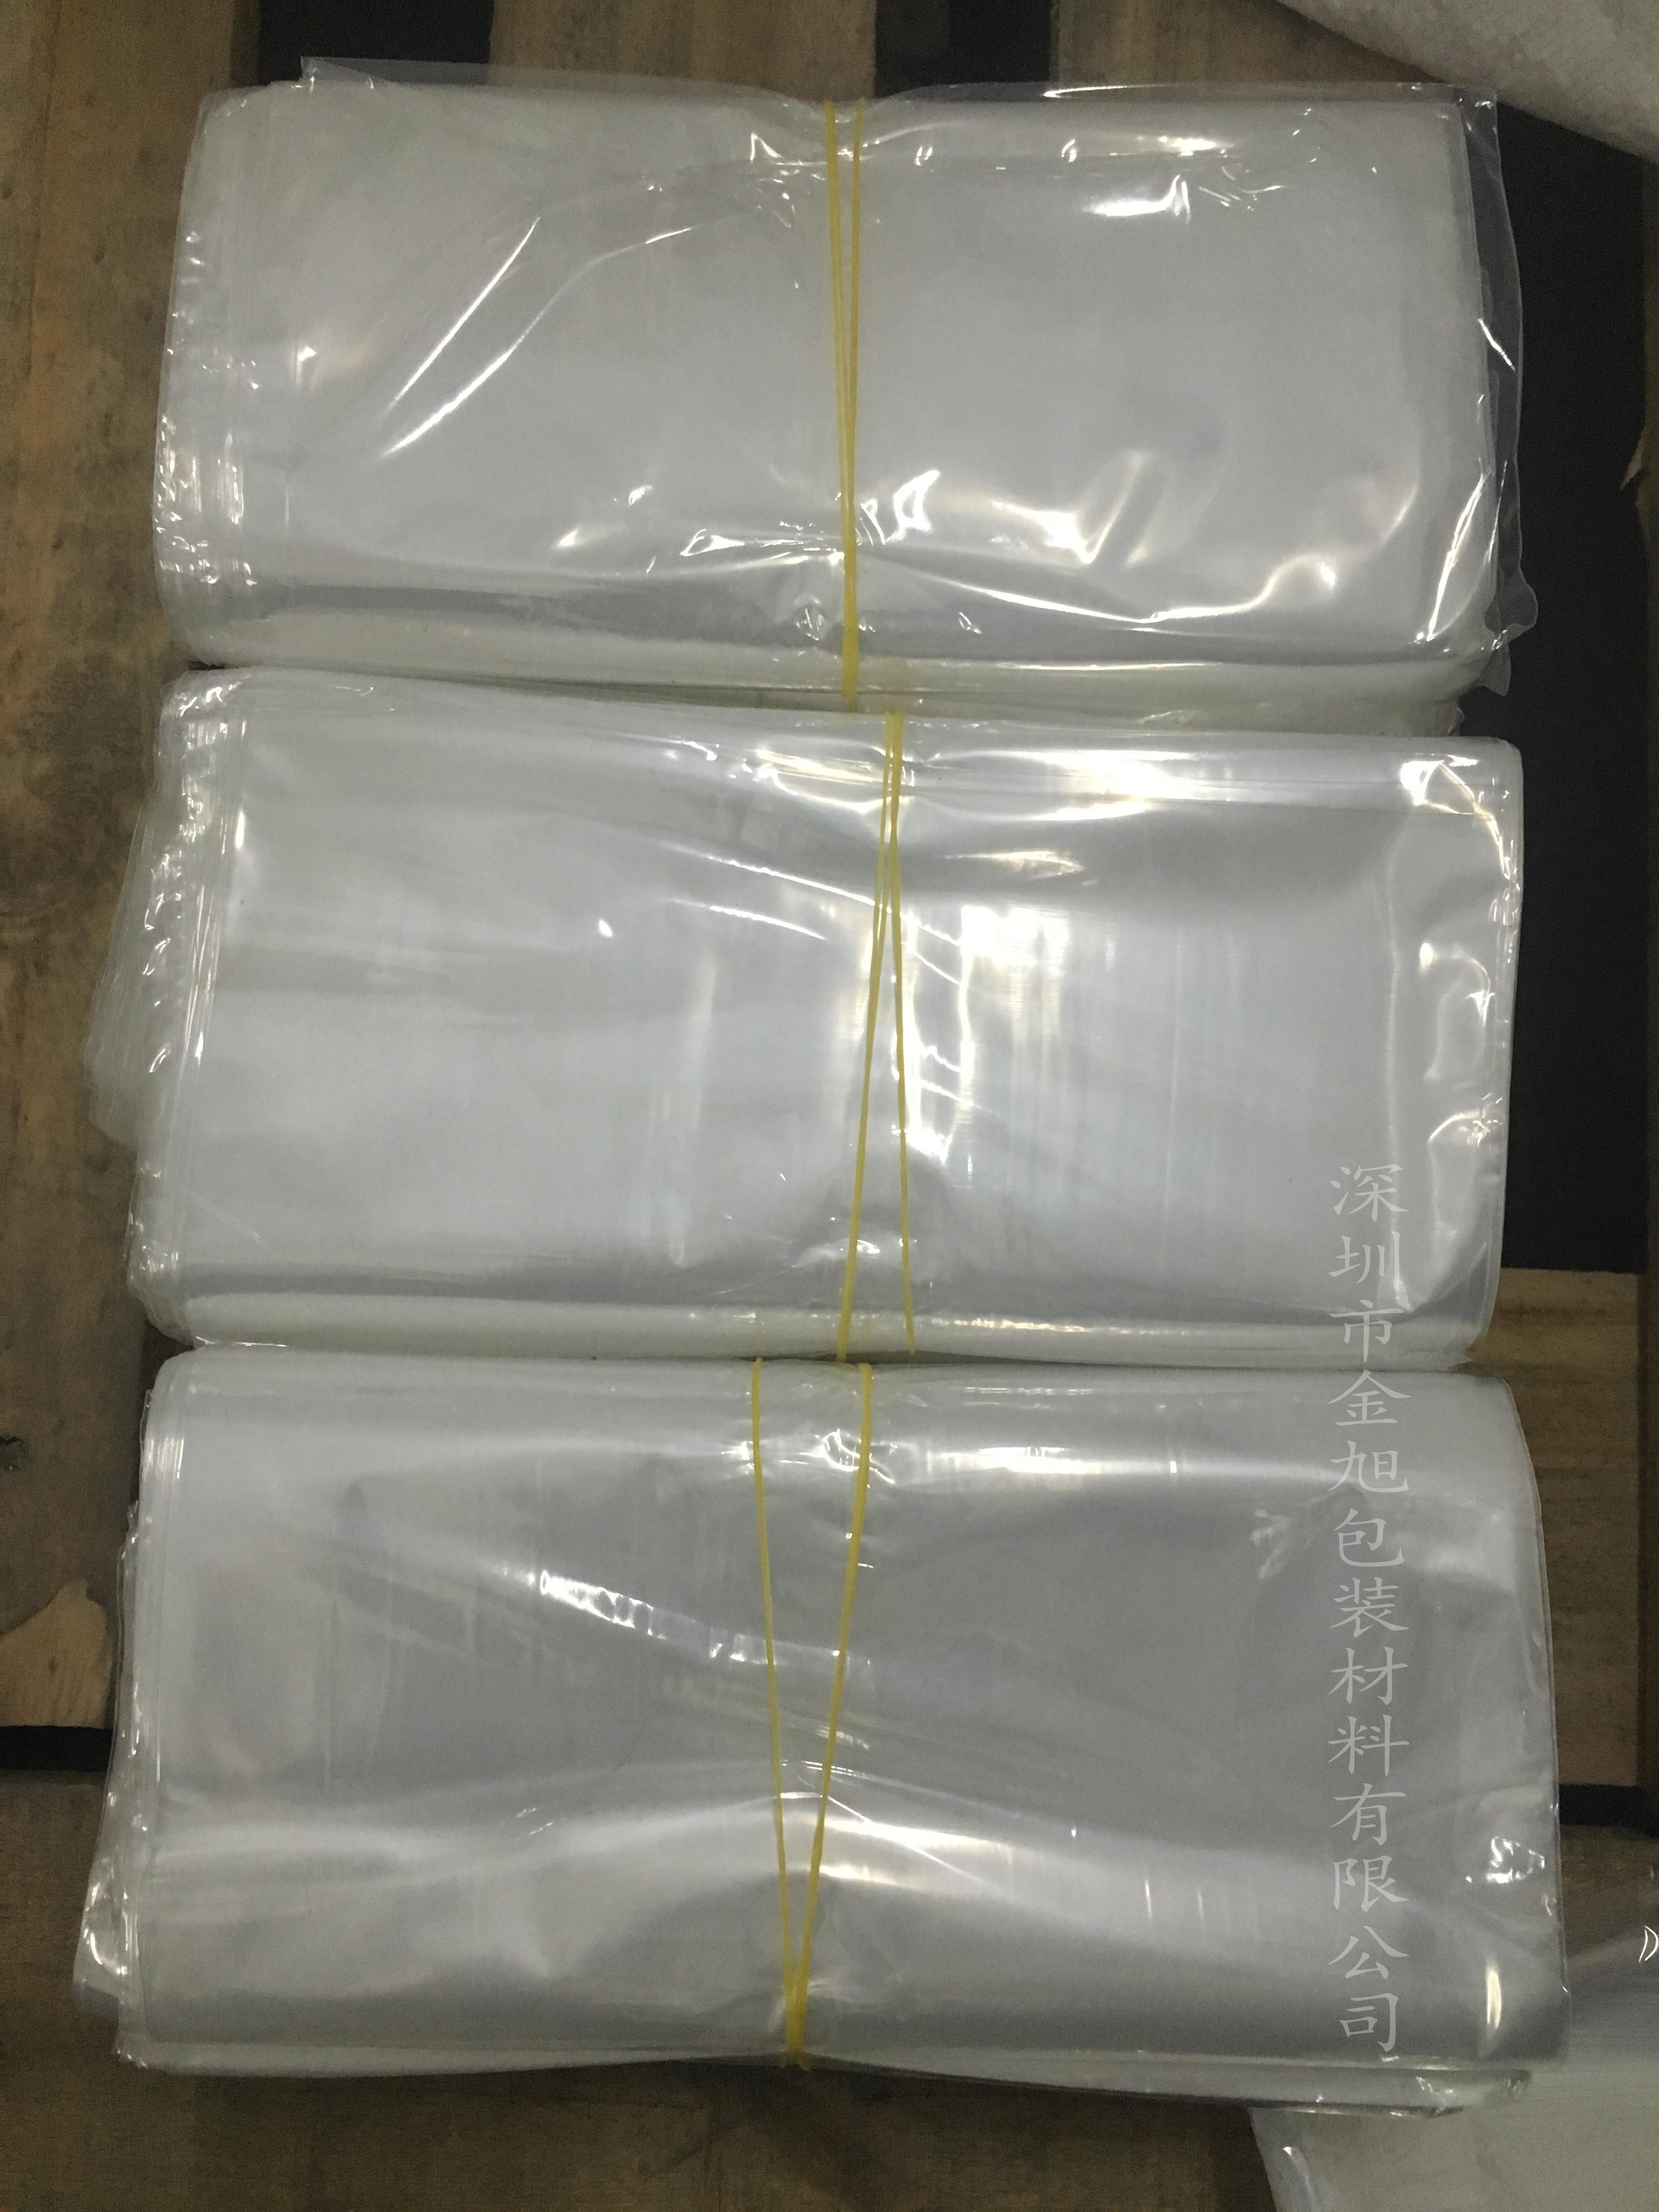 环保pof热收缩膜 化妆品包装膜 pof收缩袋 pof环保热收缩膜袋 pof厂家定制